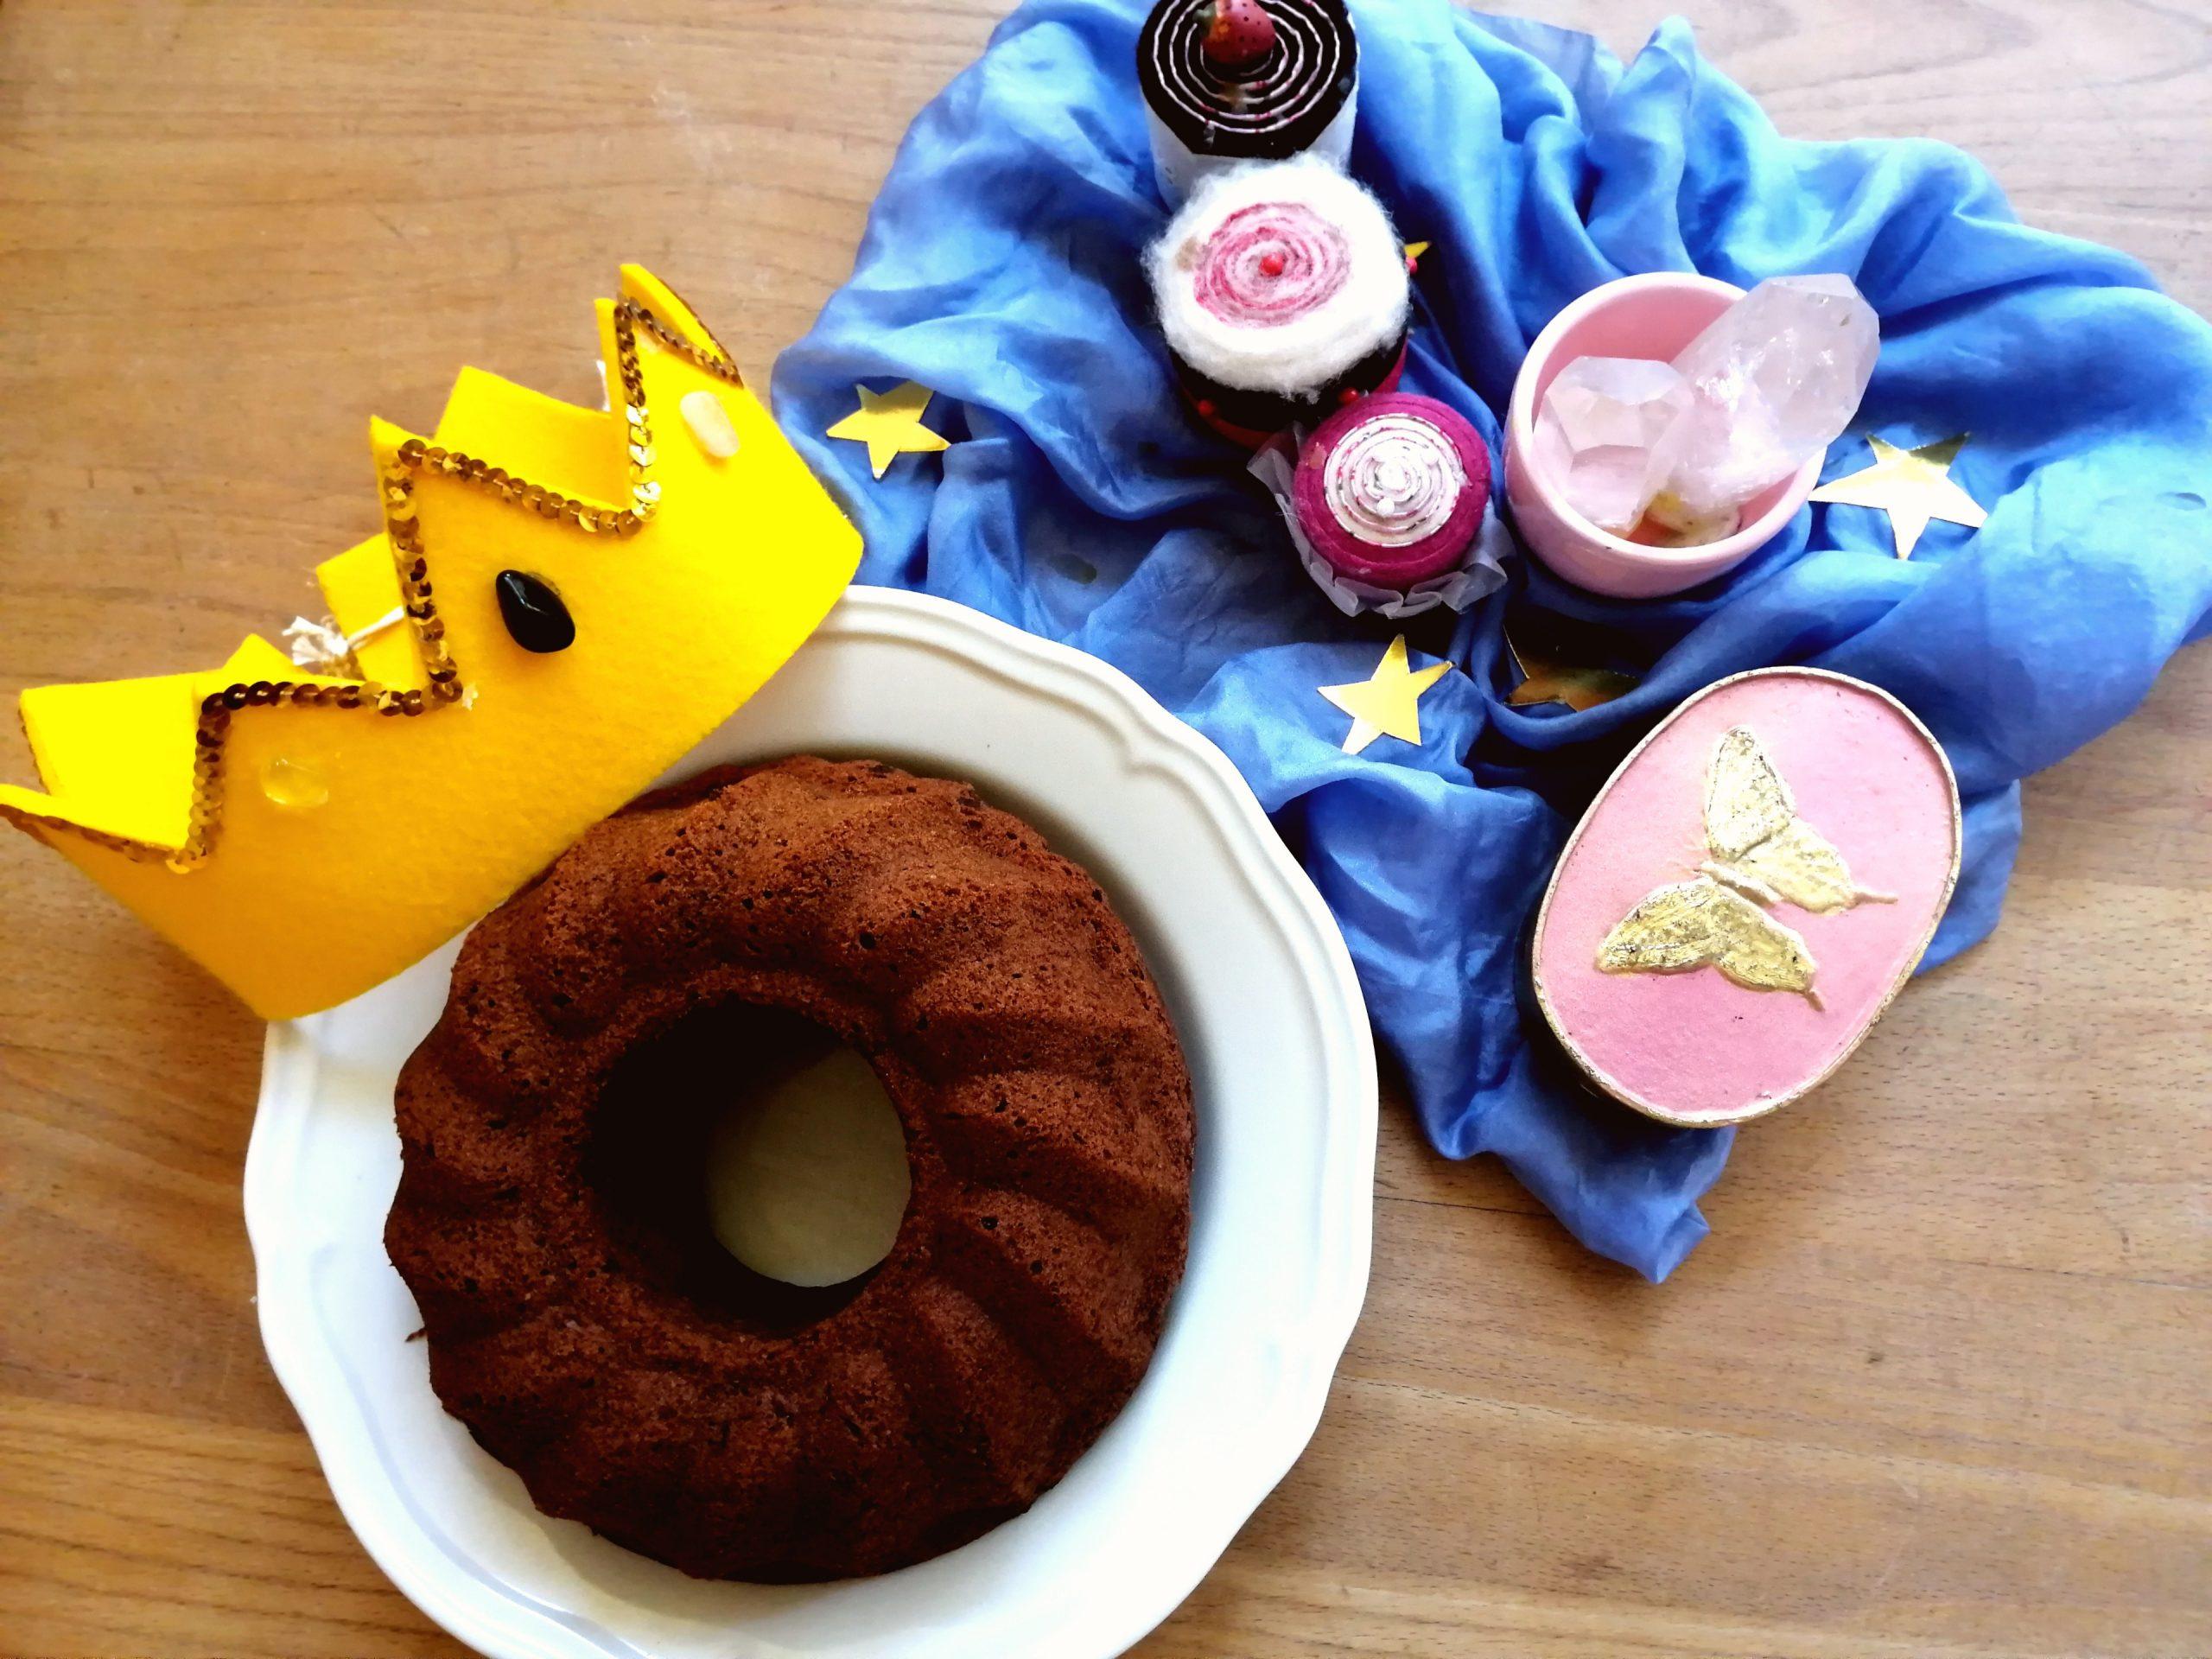 Waldorfkindergarten Ismaning Impressionen Geburtstagkuchen mit Krone für das Geburtstagskind